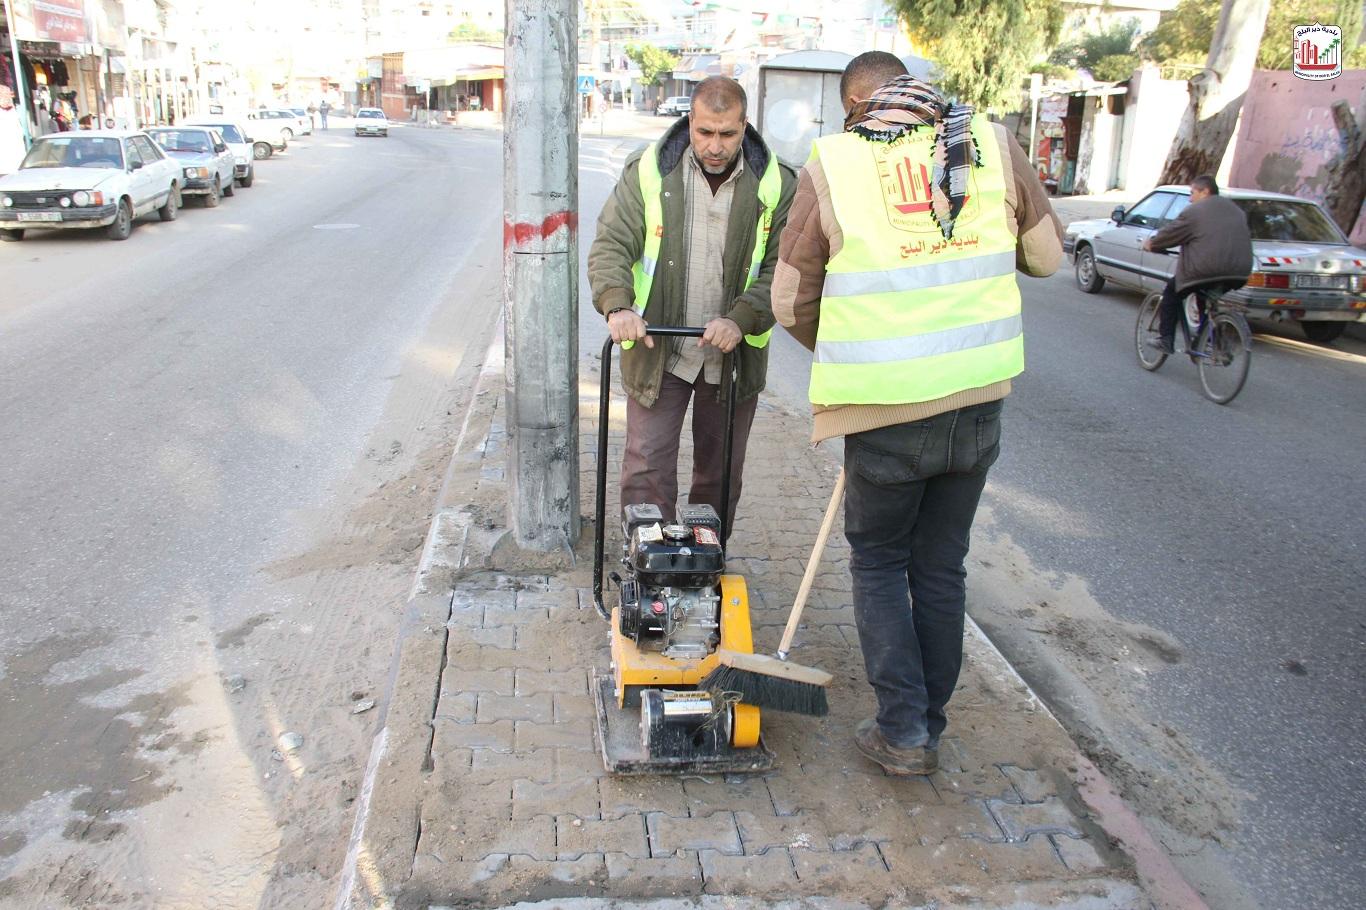 عمال قسم الصيانة أثناء قيامهم بأعمال صيانة بشارع الشهداء- المحطة